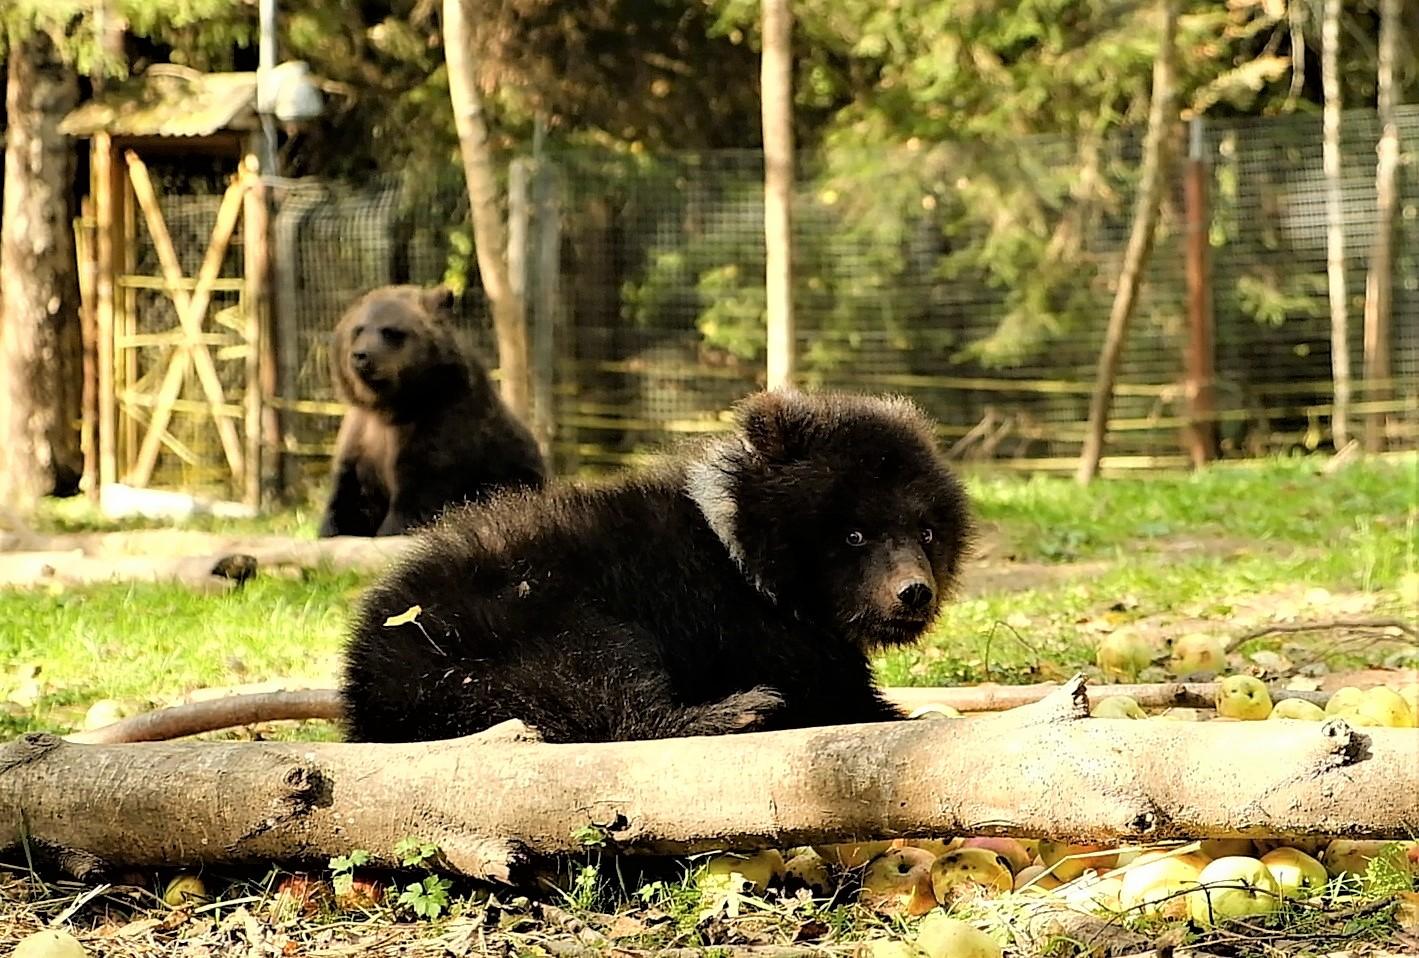 По яблоку на брата: на видео медвежата из Тверской области делят сладкую добычу